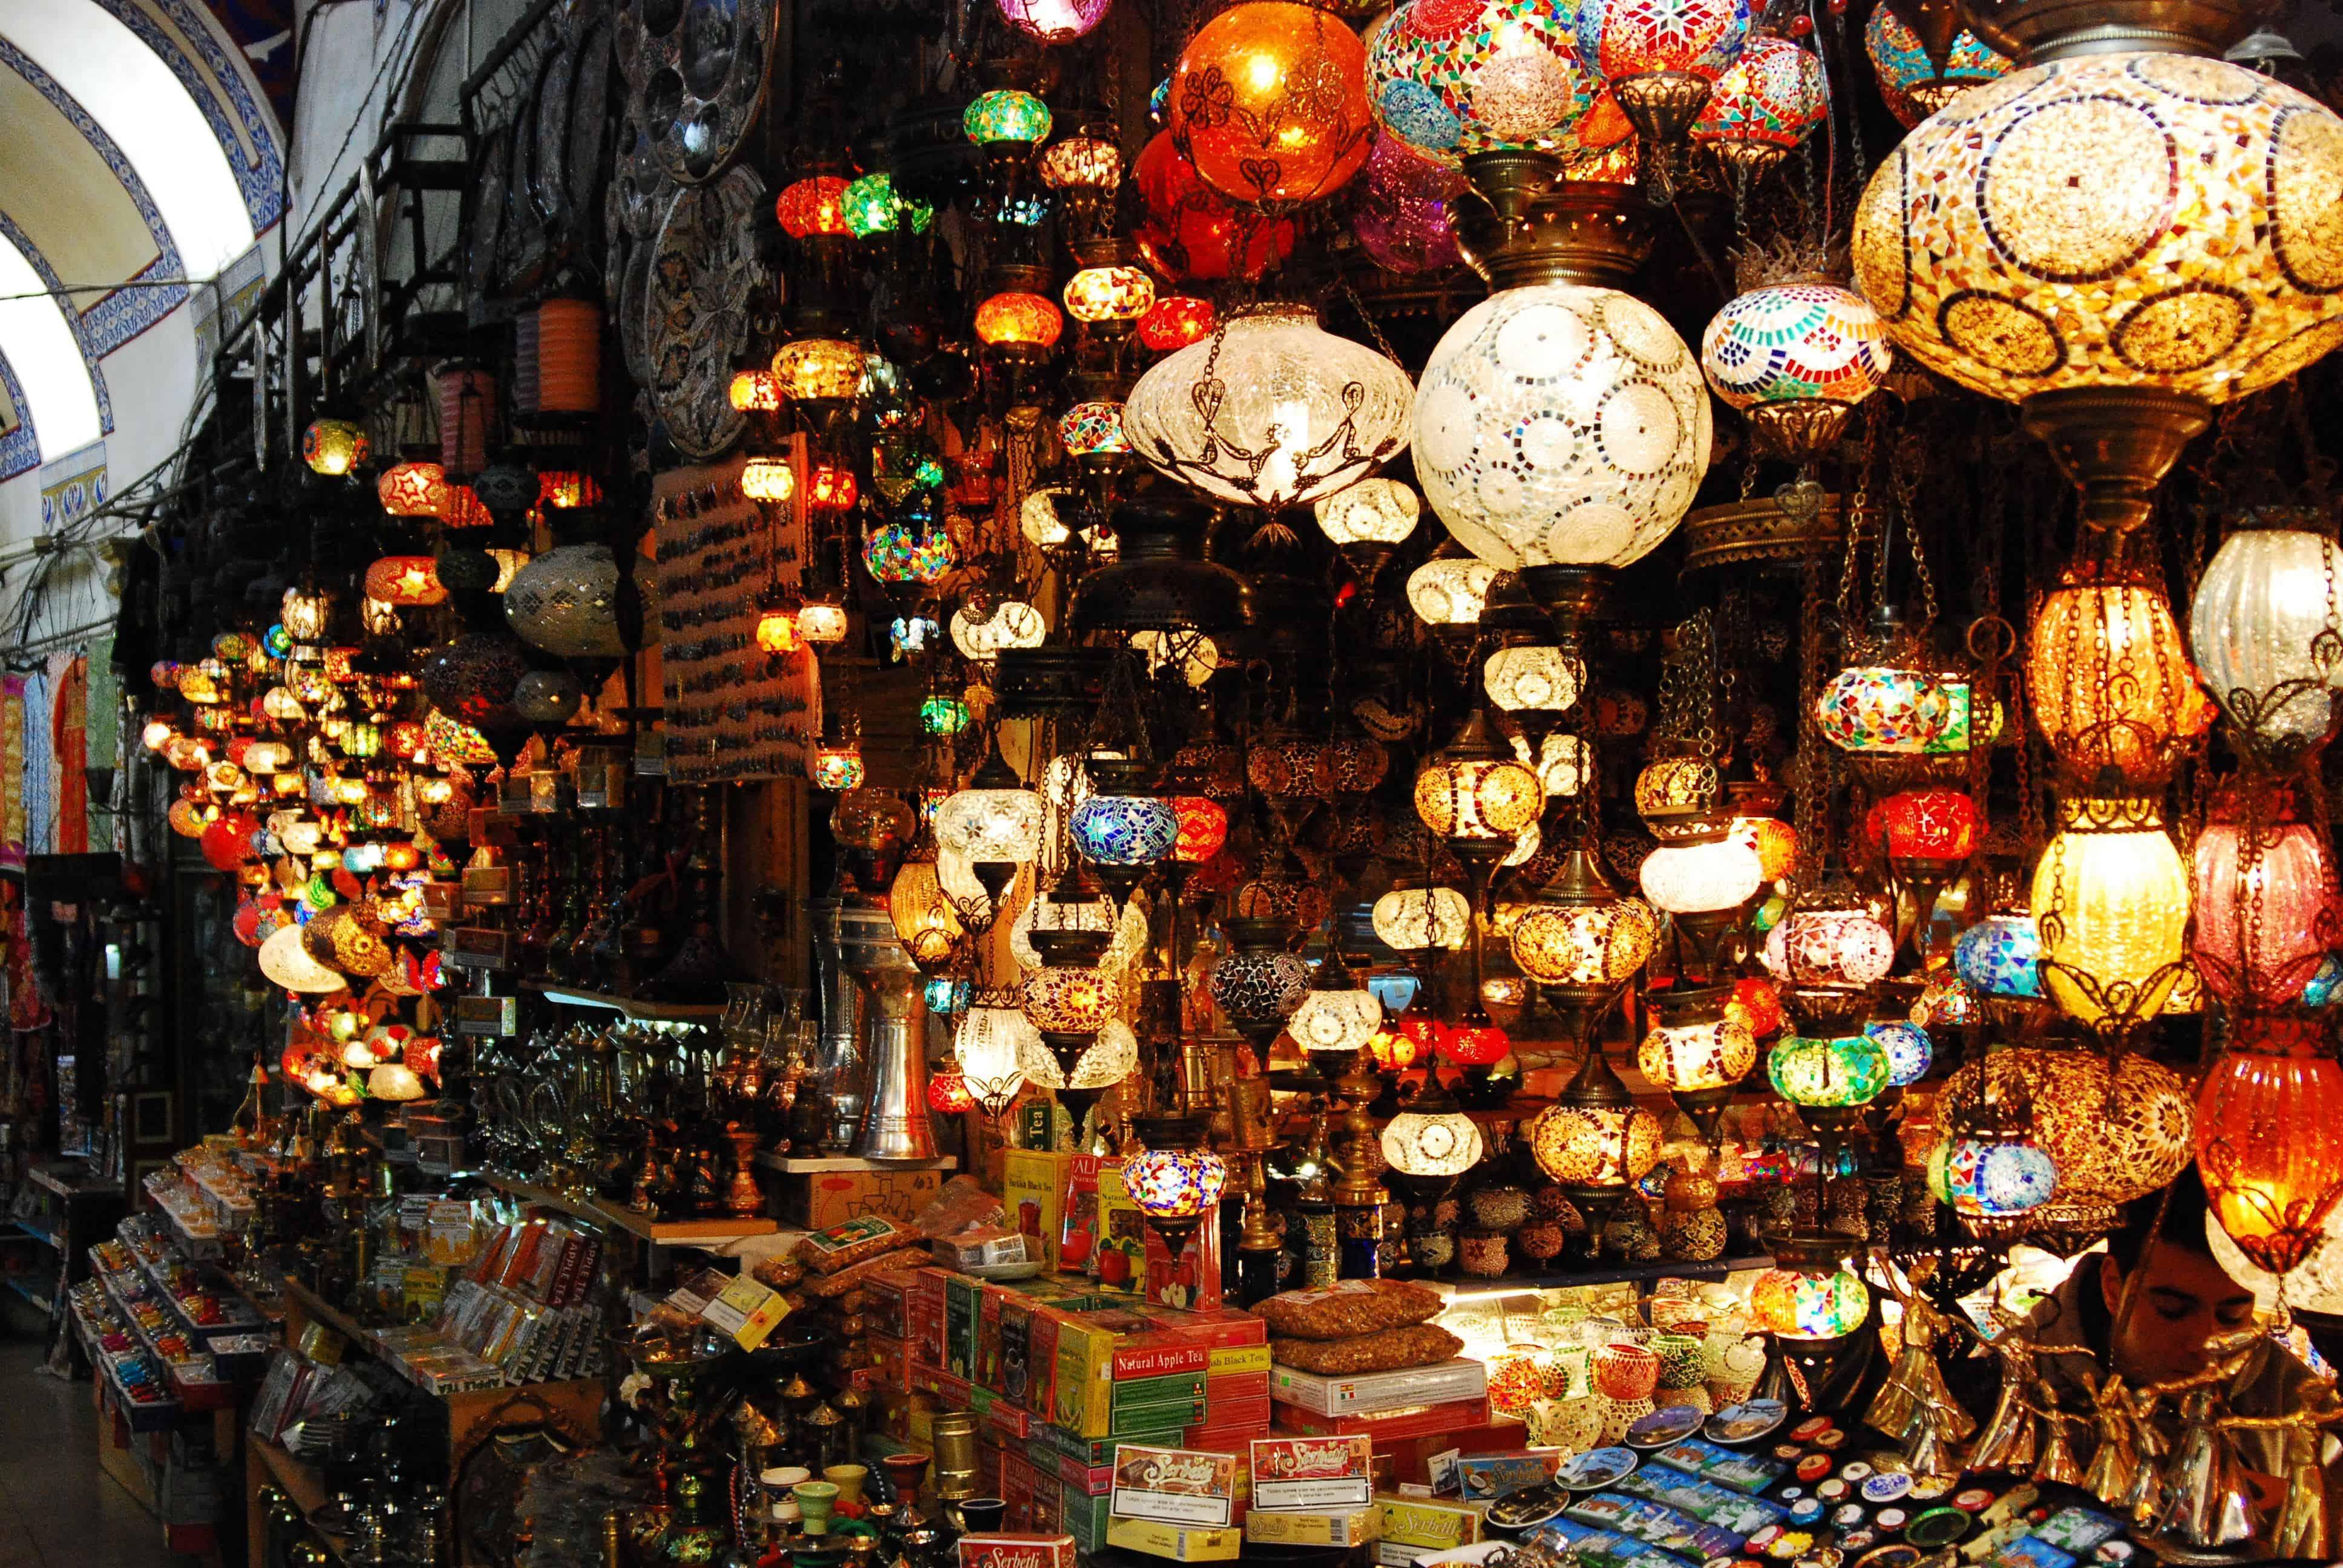 Antique shops in the Grand Bazaar